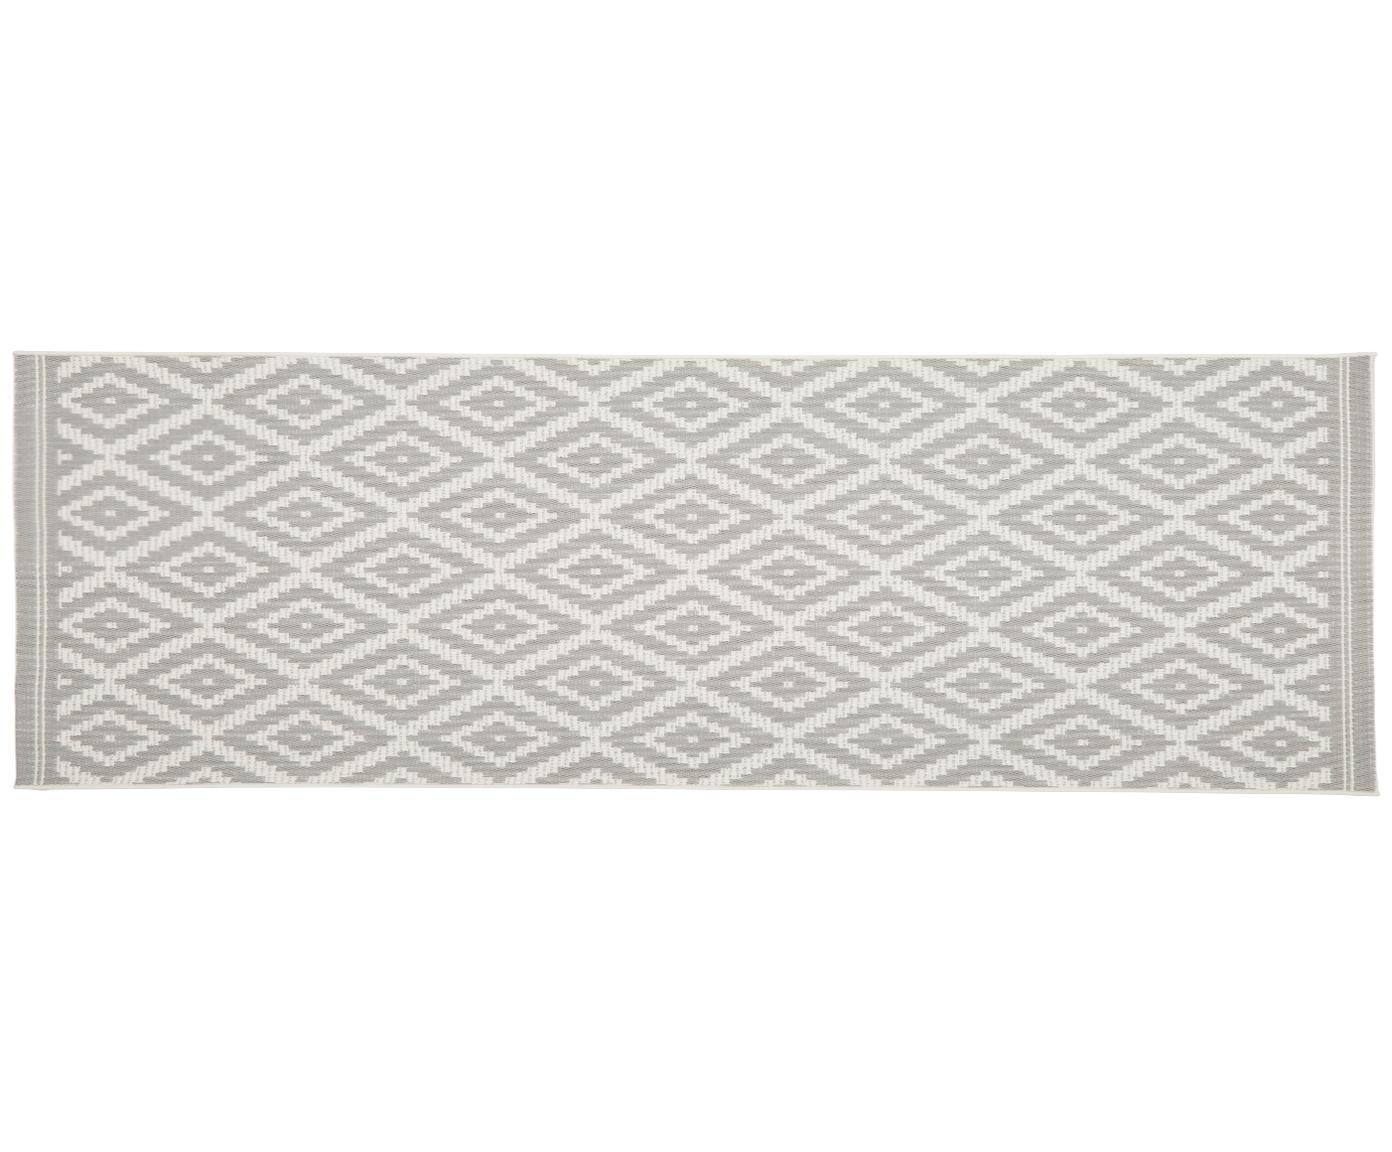 Chodnik wewnętrzny/zewnętrzny Miami, Kremowobiały, szary, S 80 x D 250 cm